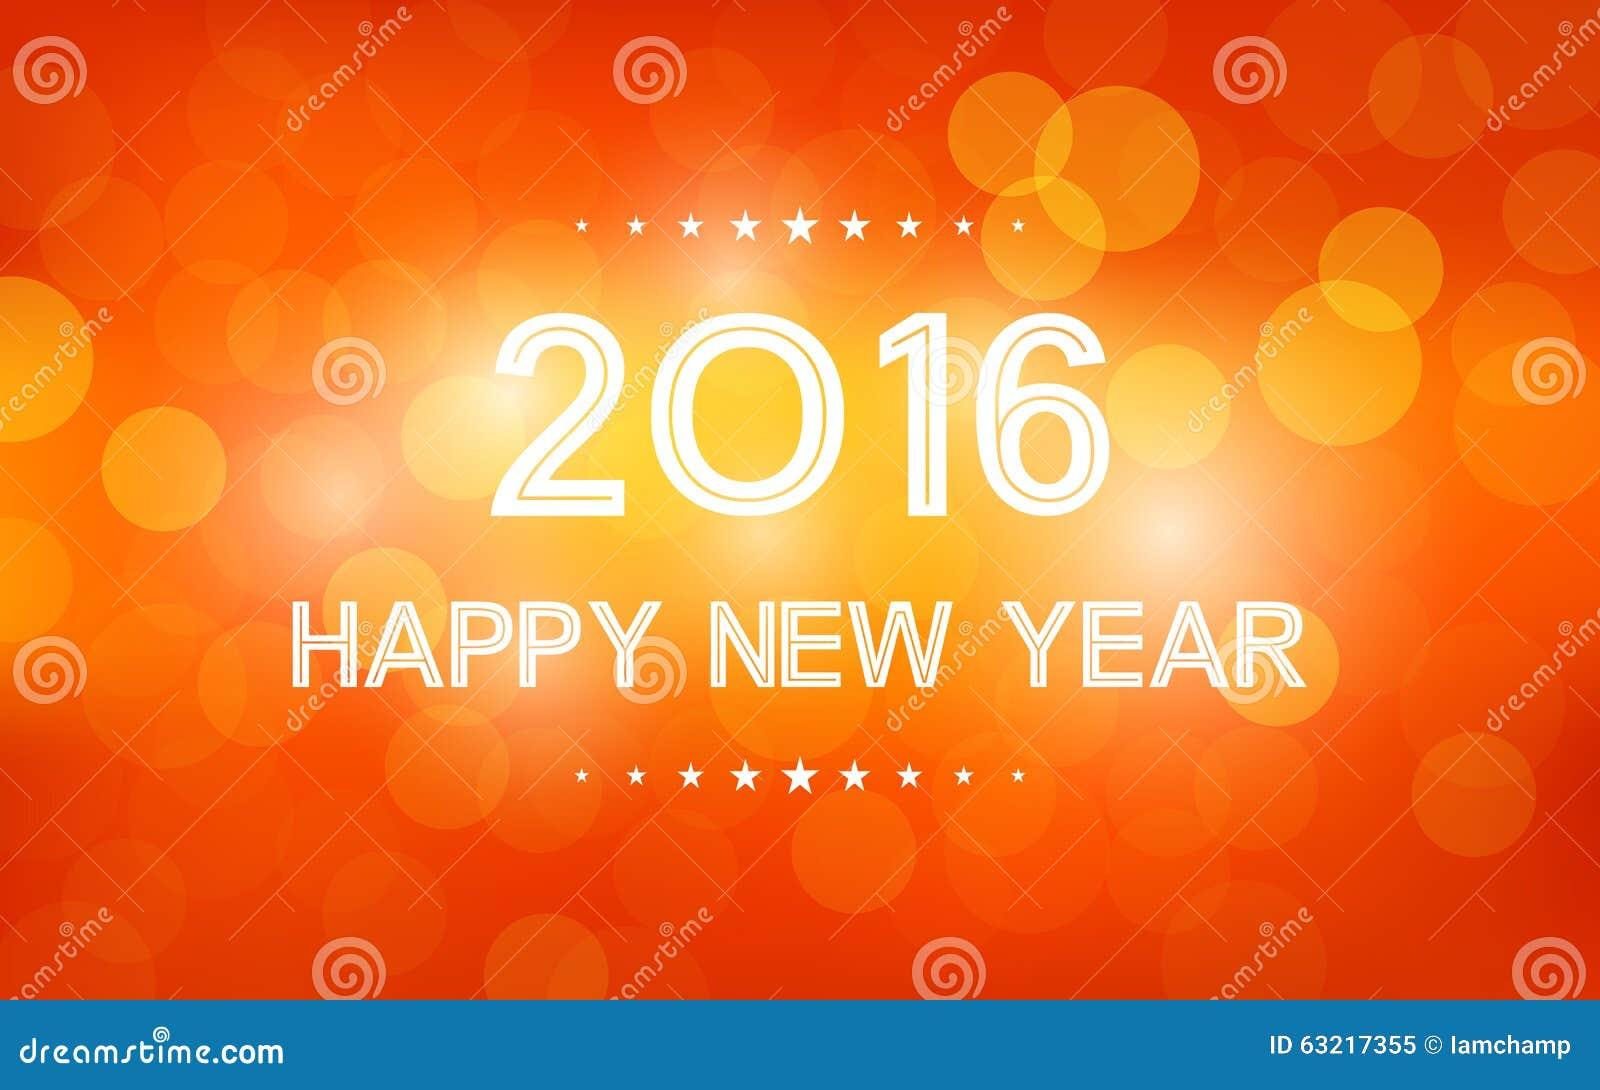 Happy New Year Orange 21